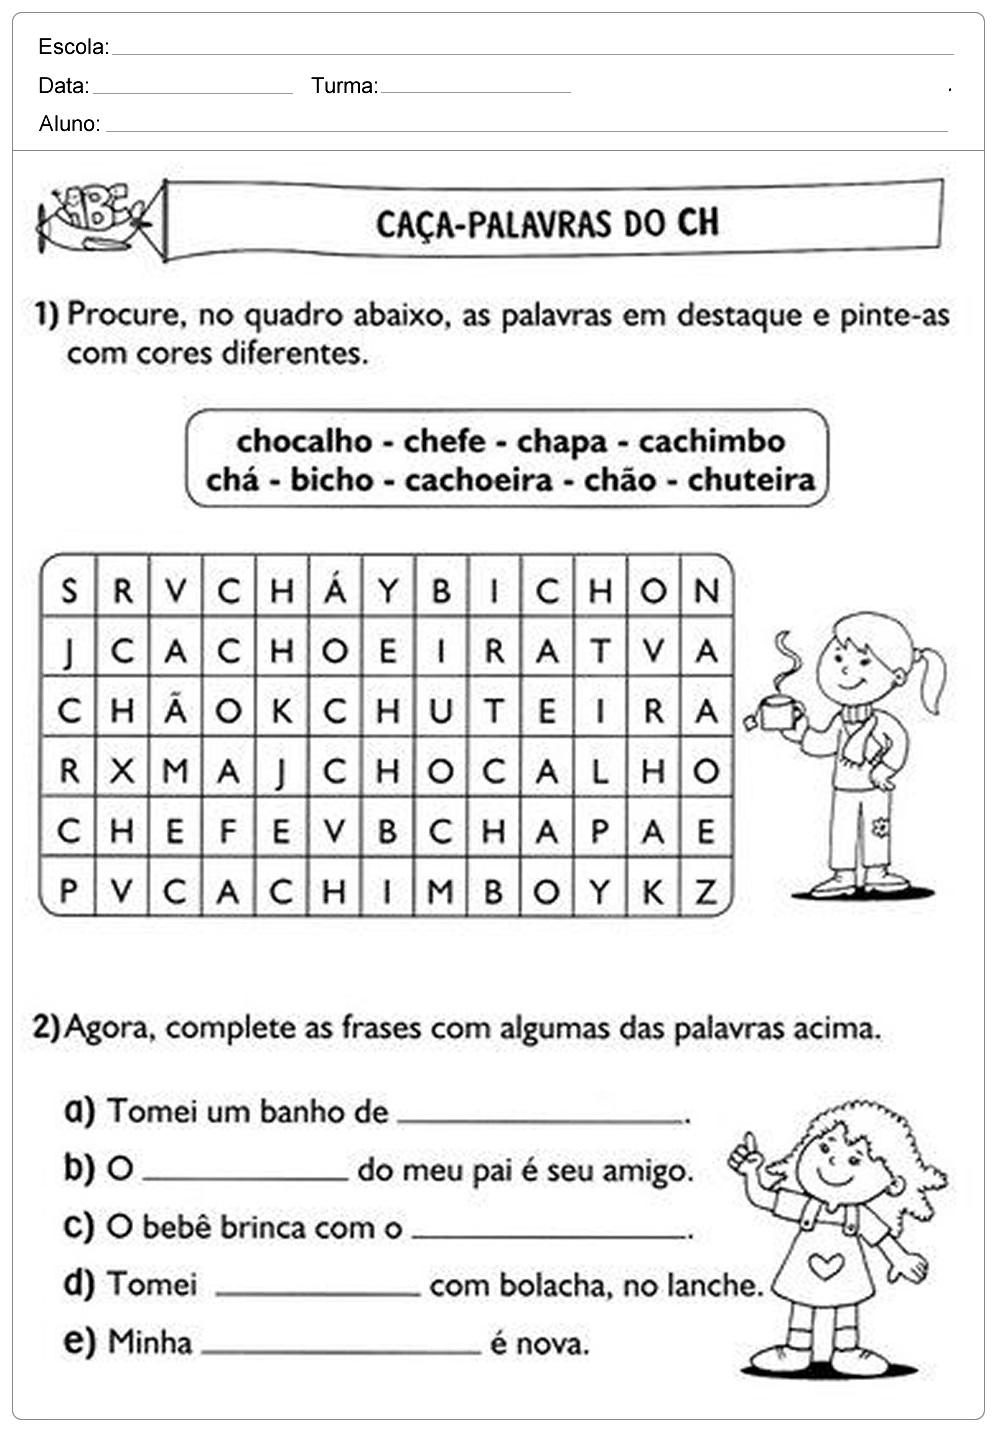 atividades-de-portugues-2-ano-caca-palavras-ch